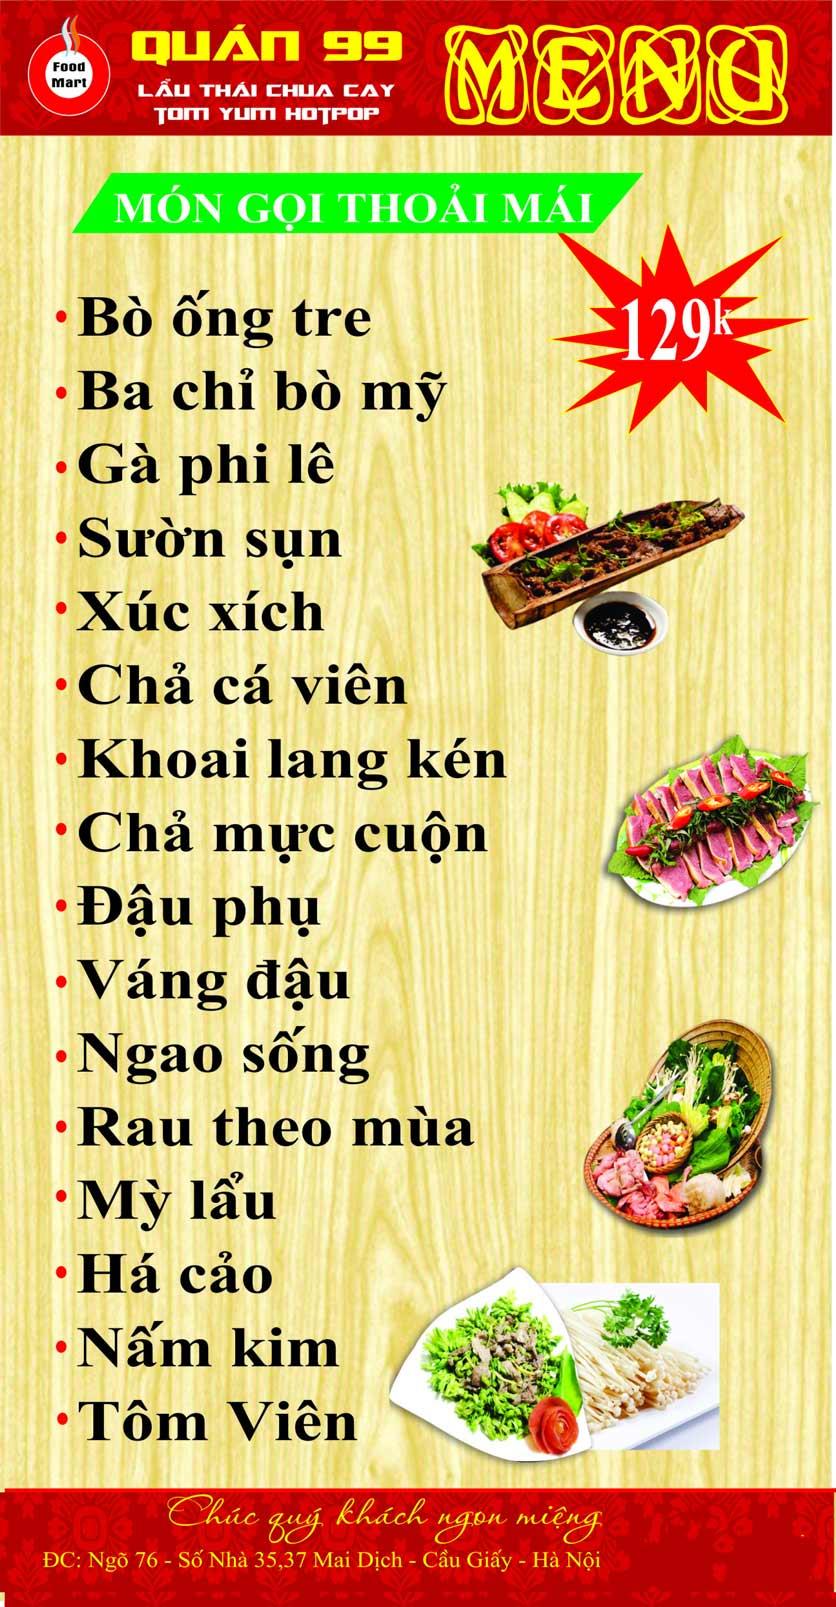 Menu Quán 99 – Lẩu Thái Chua Cay – Mai Dịch 2